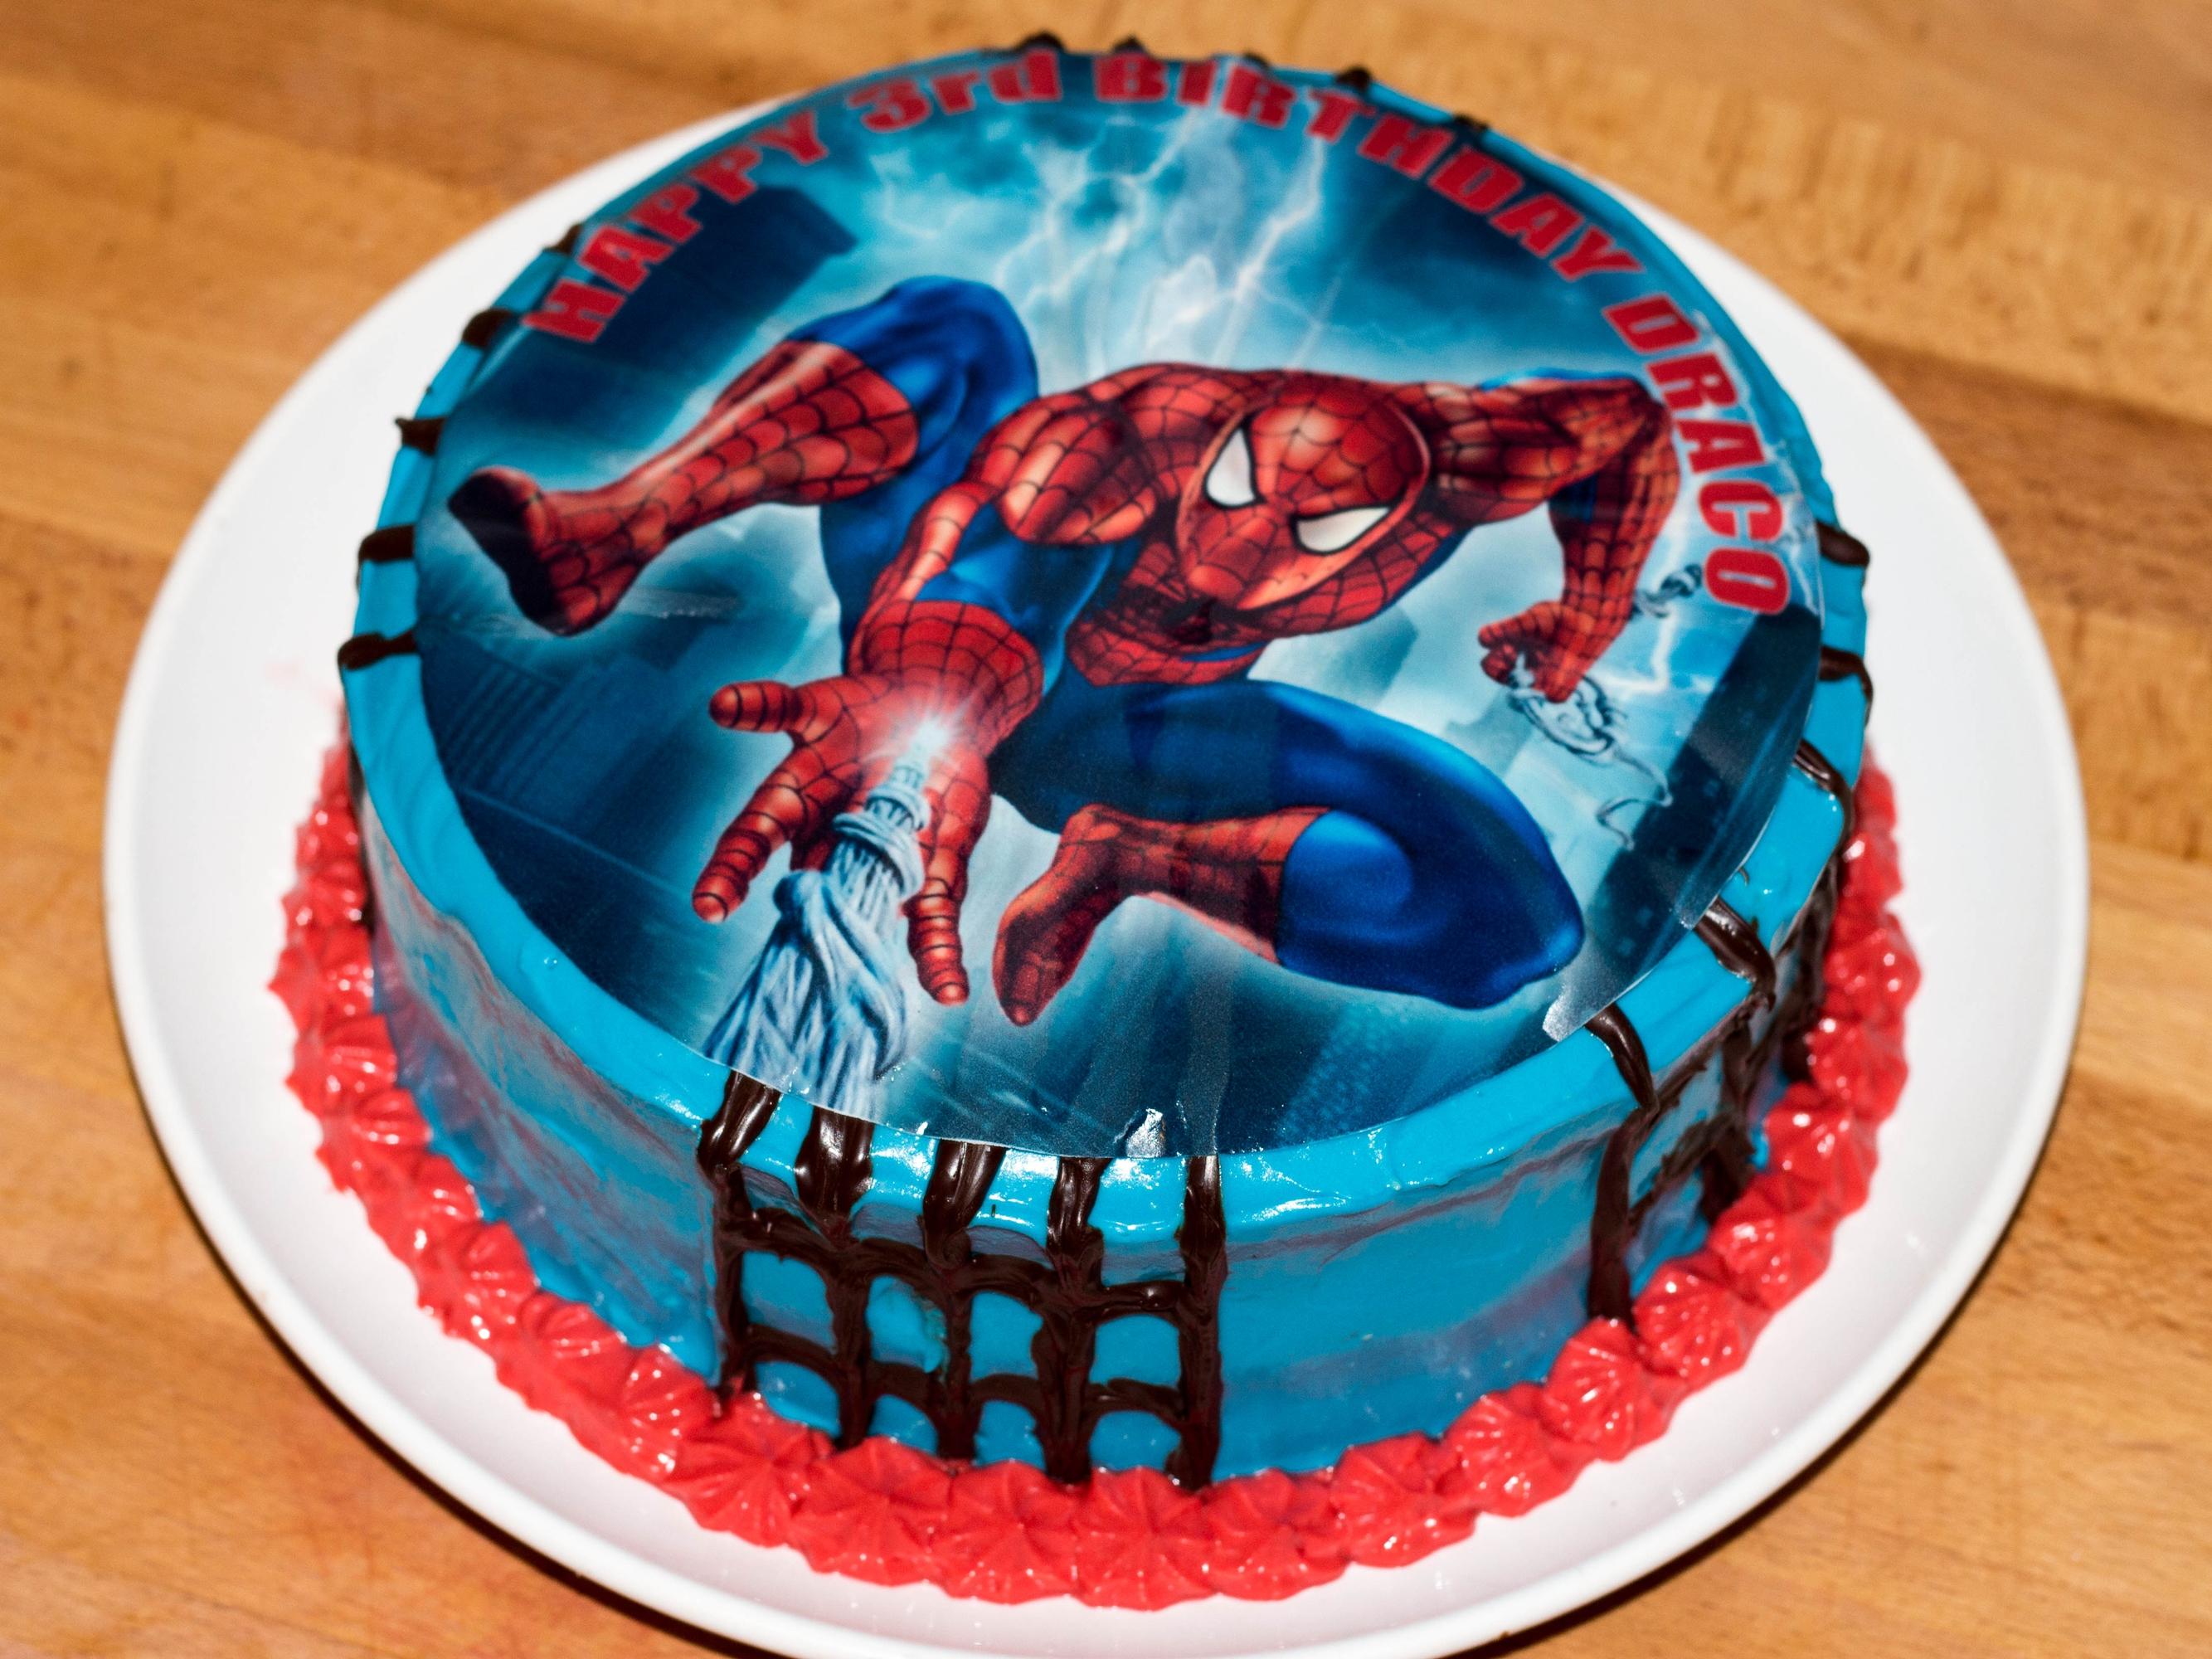 birthday cakes spiderman